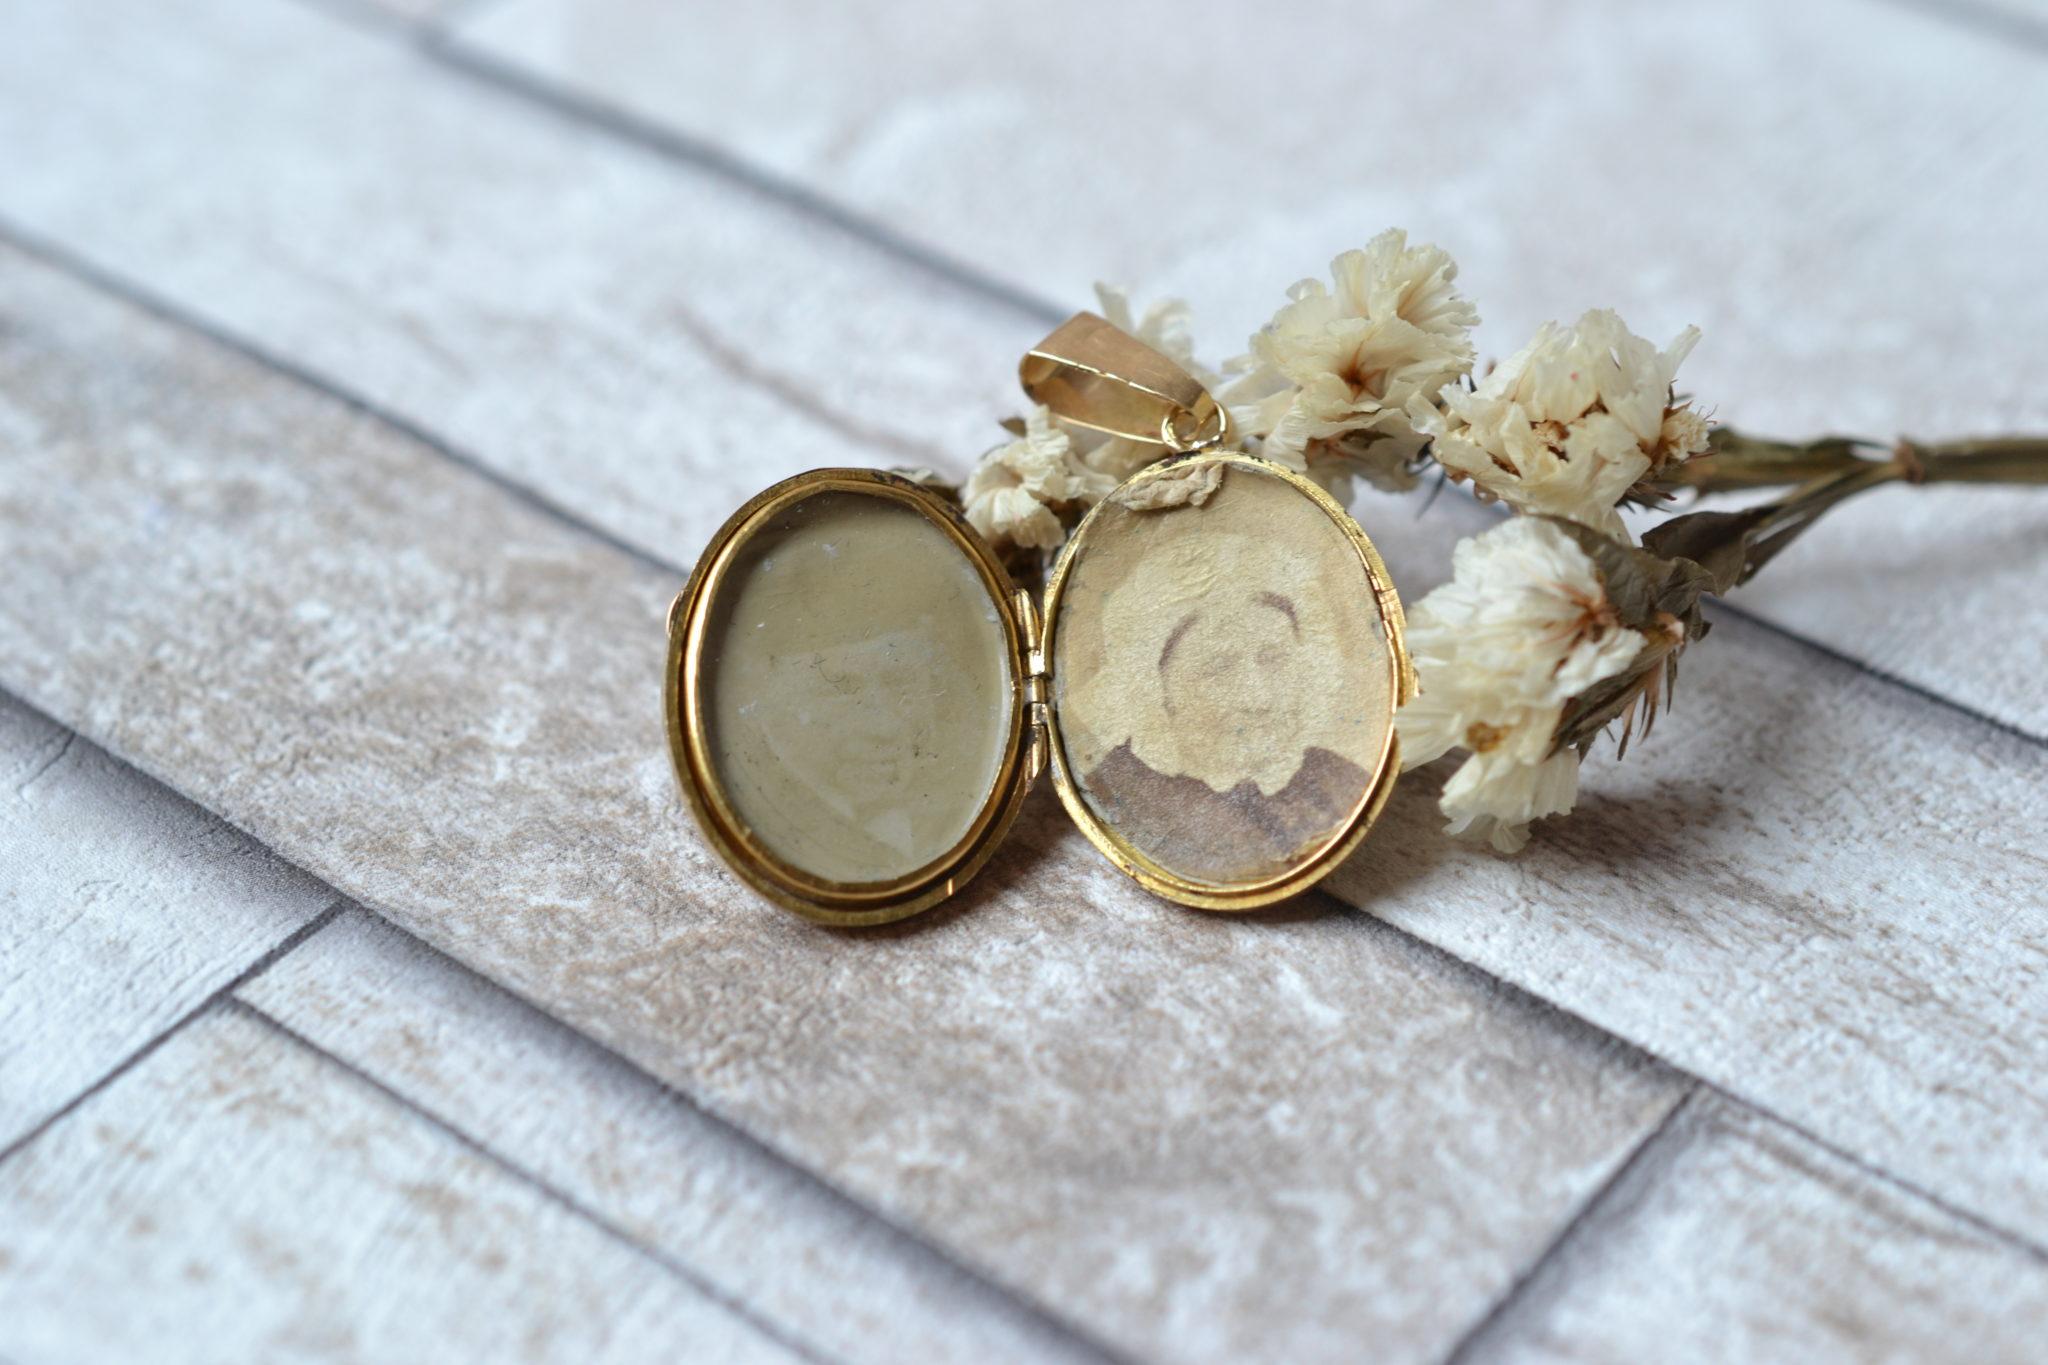 Pendentif porte-souvenir monture en Or jaune, serti de deux plaques d_Onyx et d_un écusson - bijou d_occasion